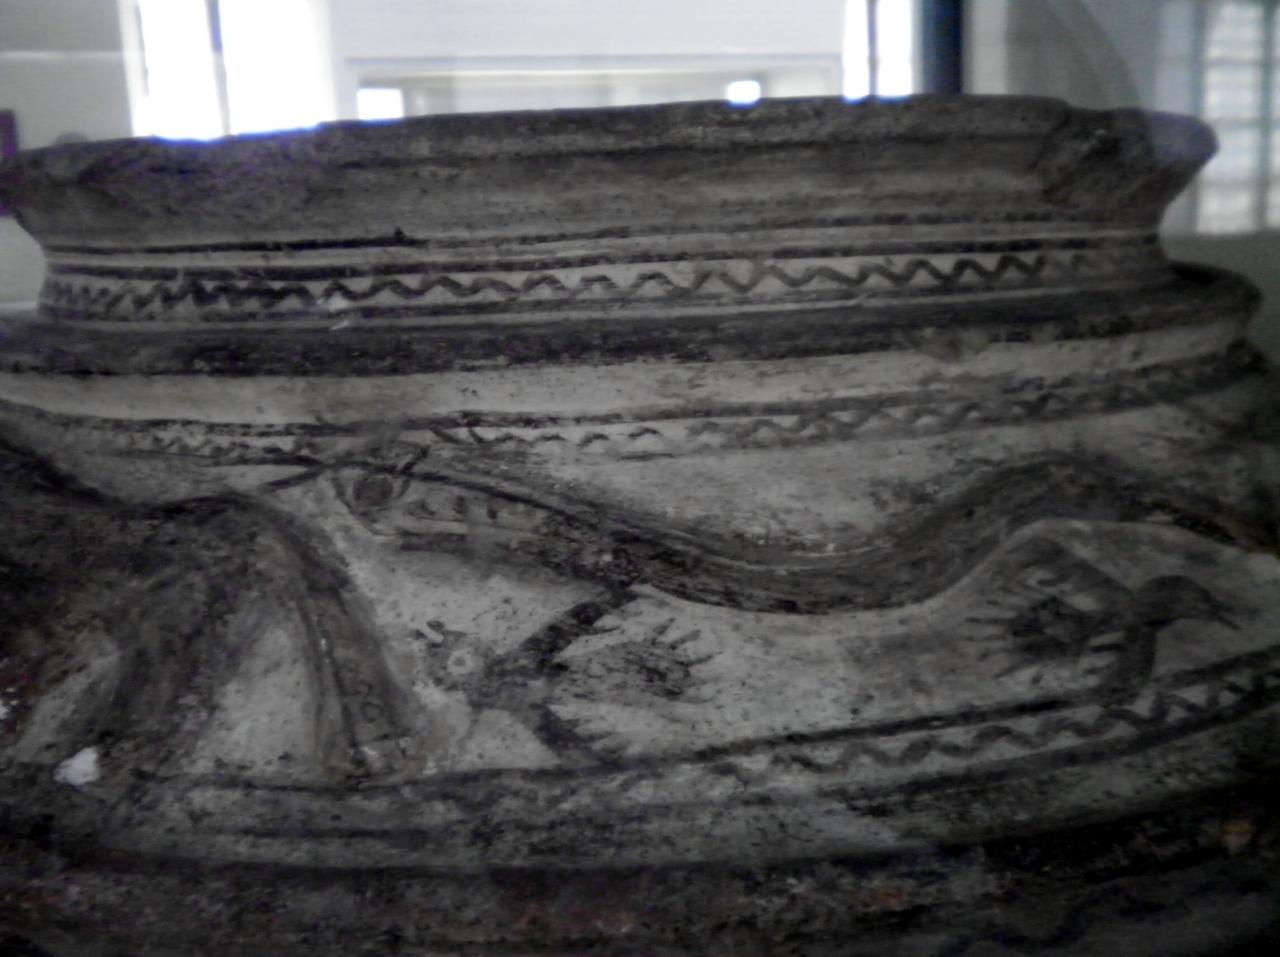 ユーラシア 東へ19: テヘラン ペルシャ五千年の歴史 「イラン国立博物館」2